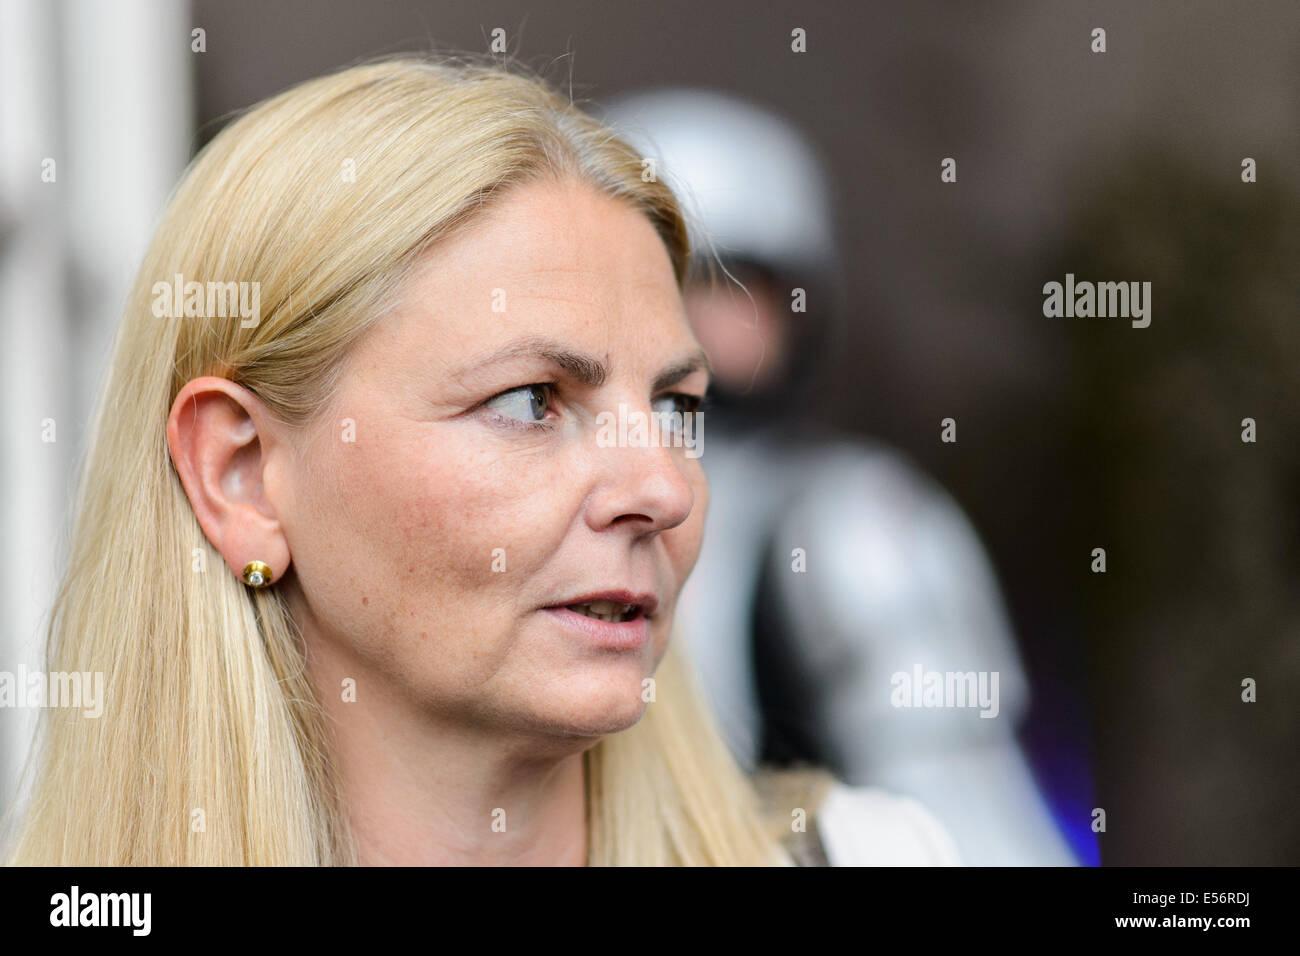 München/Deutschland - 21 Juli: Ana Cristina Grohnert (Ernst & Young ...